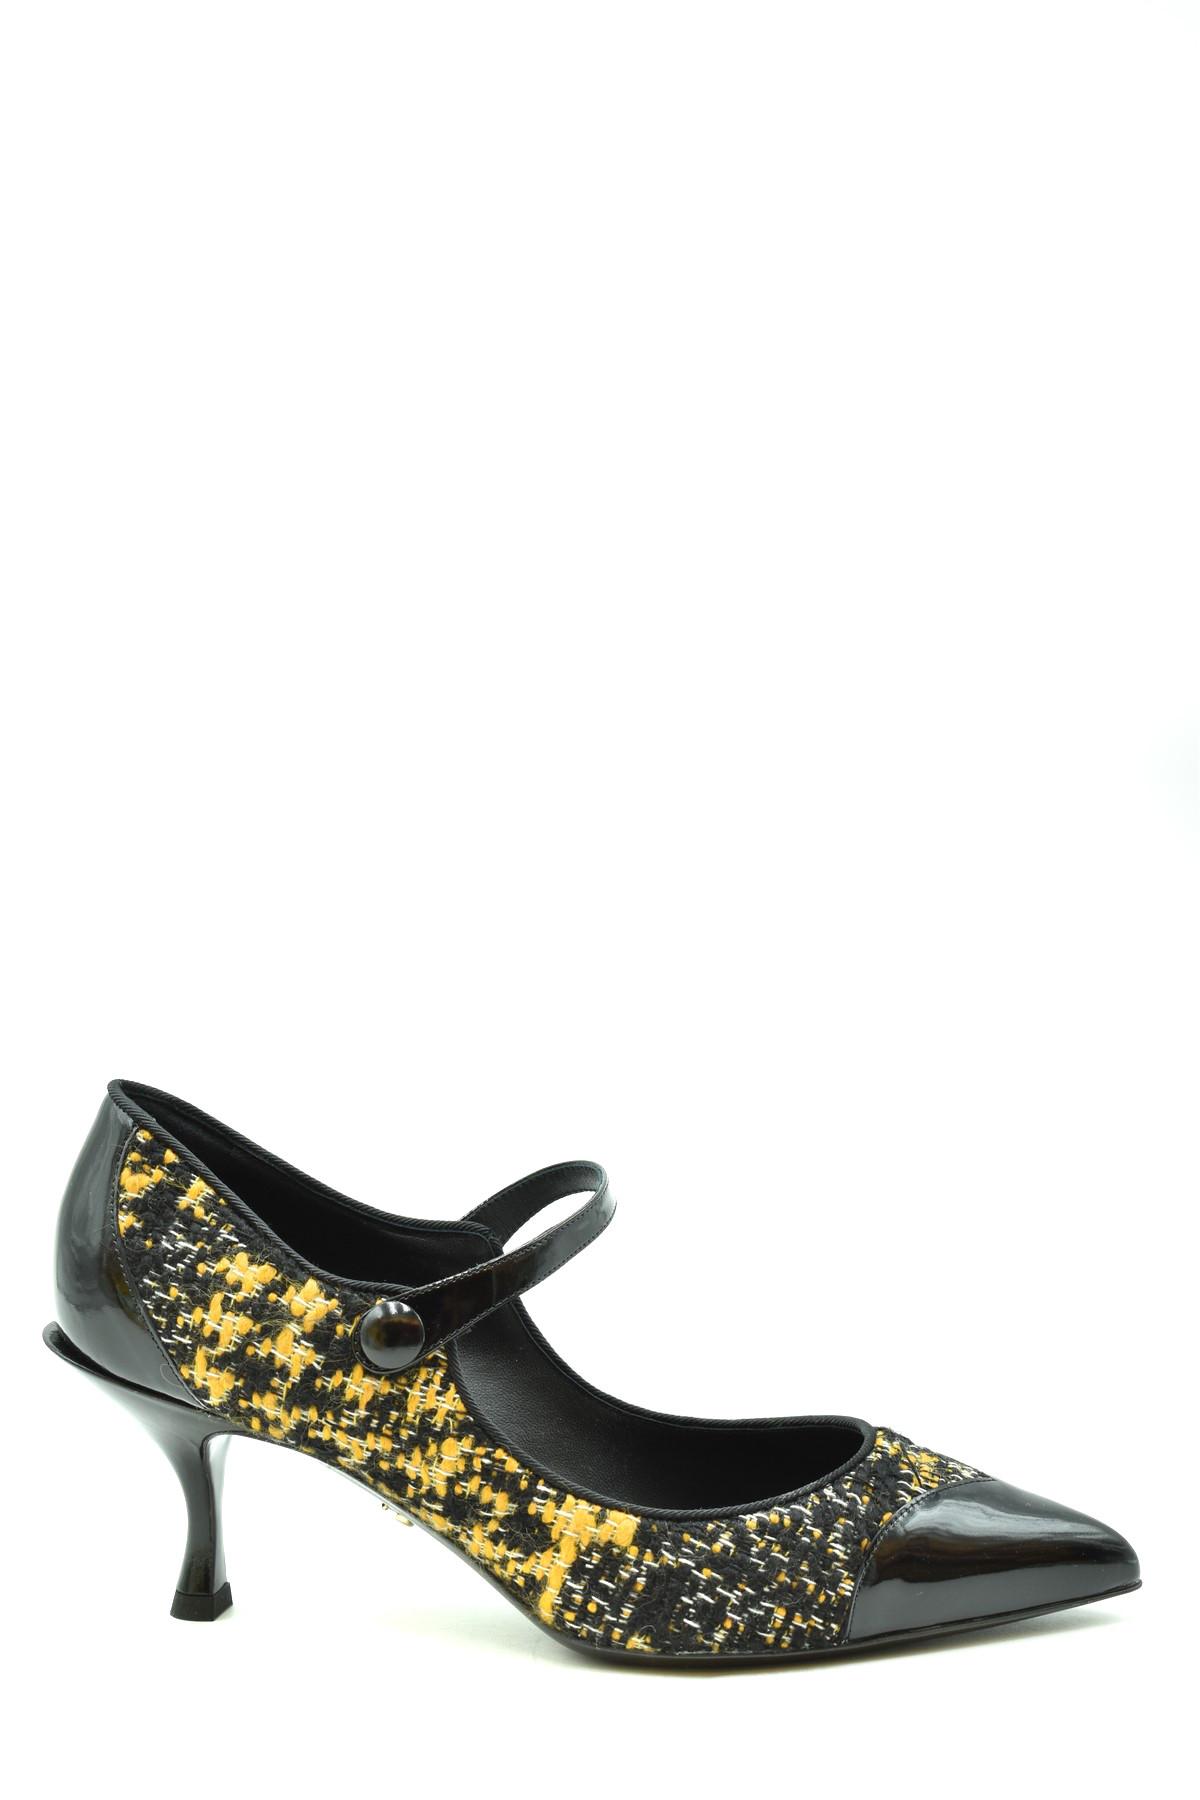 Dolce & Gabbana Scarpe Décolleté Ženy